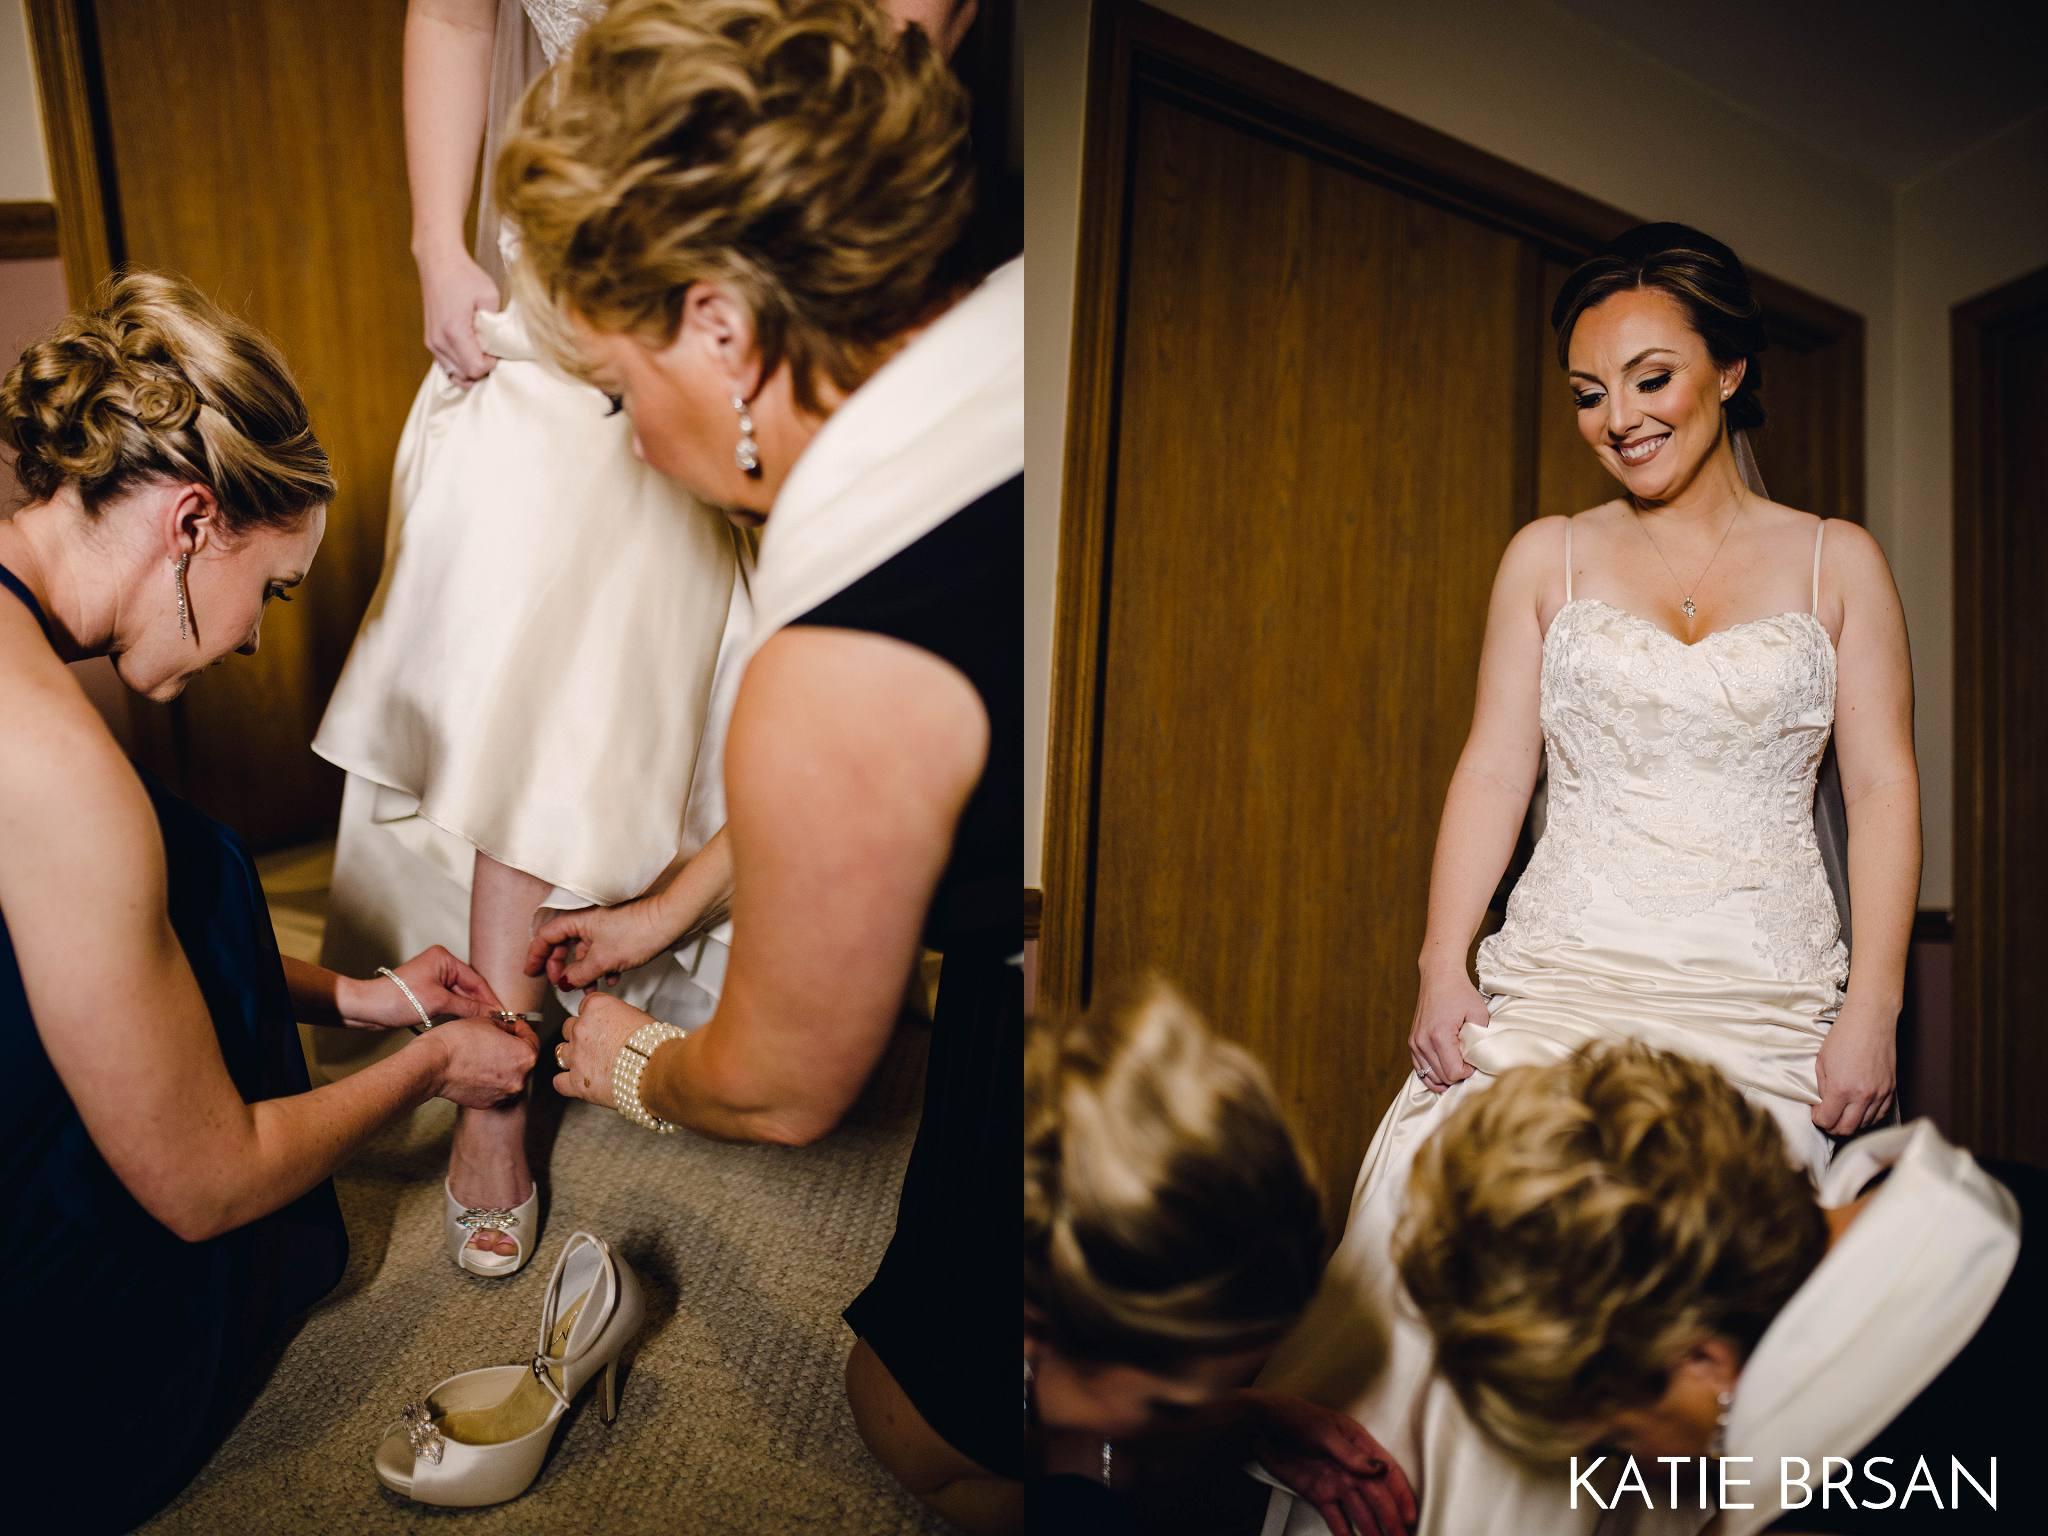 KatieBrsan-NewYearsEve-Wedding_0448.jpg